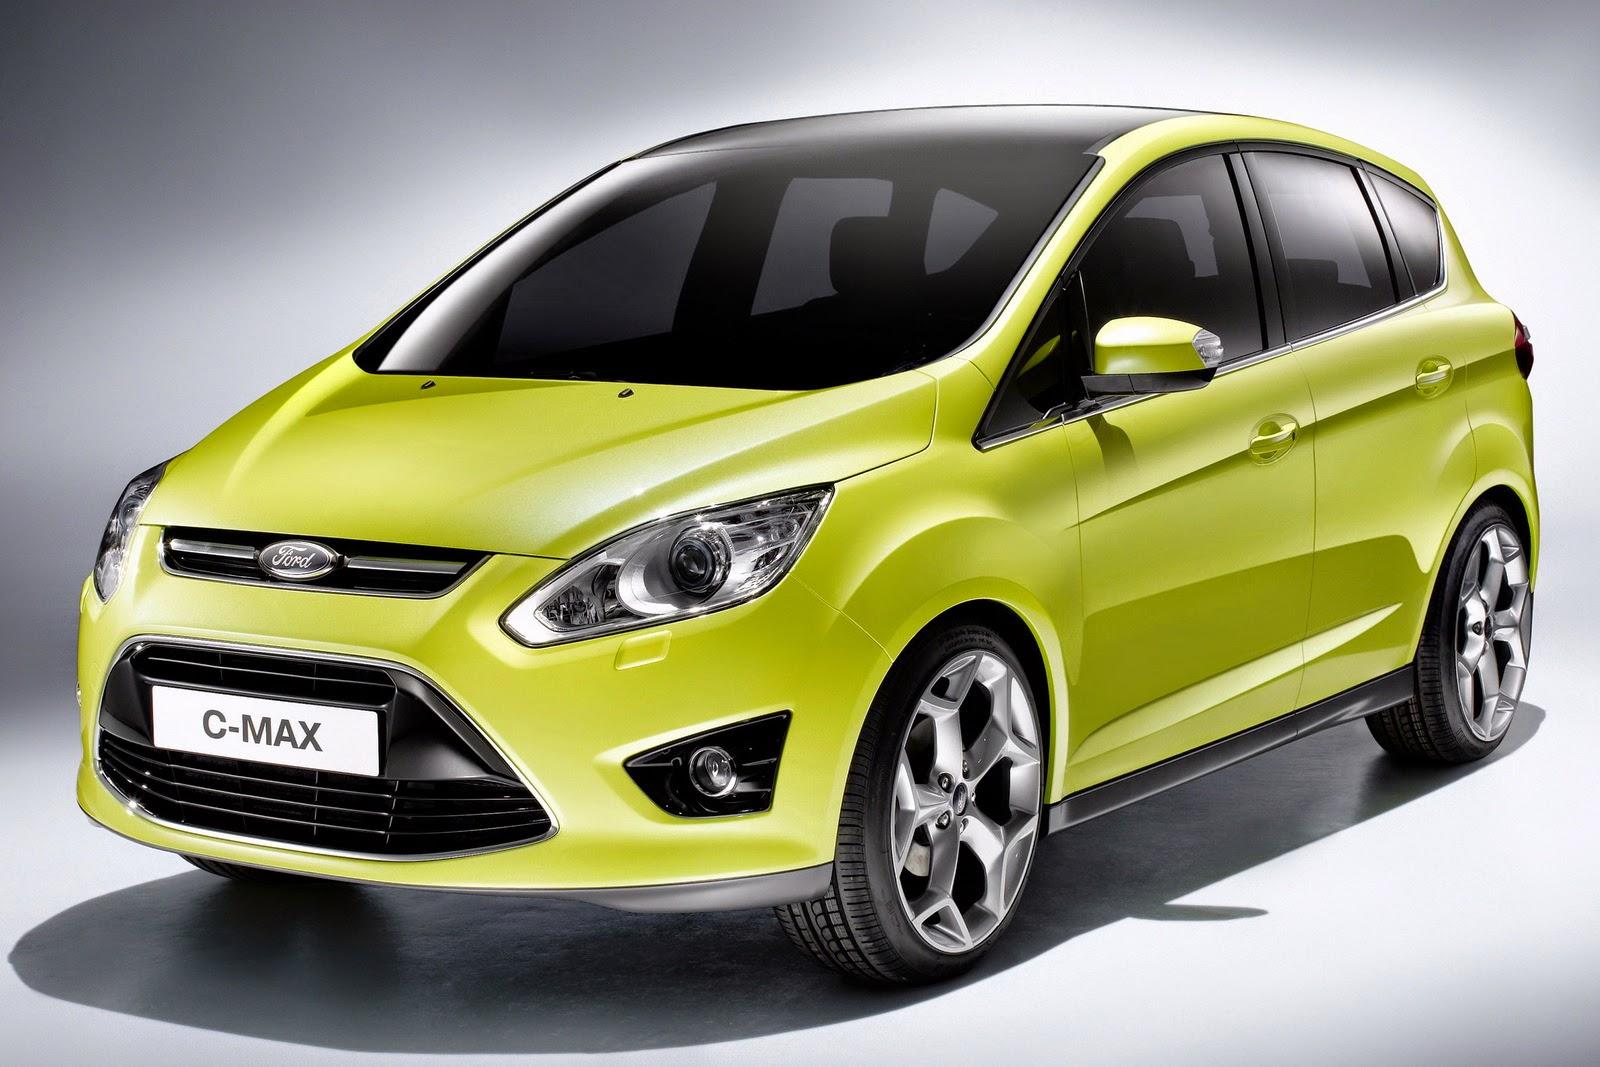 Promozione Ford C-Max 1.6 prezzo marzo 2015